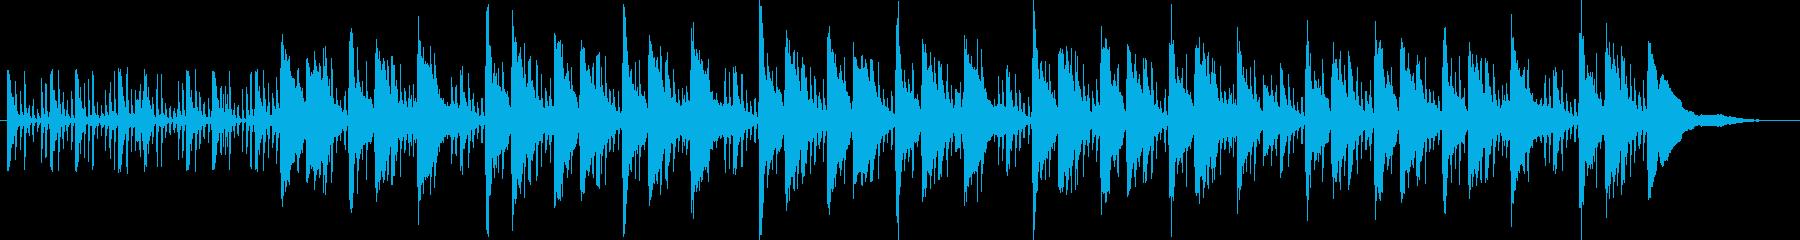 スローテンポジャズコラボの再生済みの波形